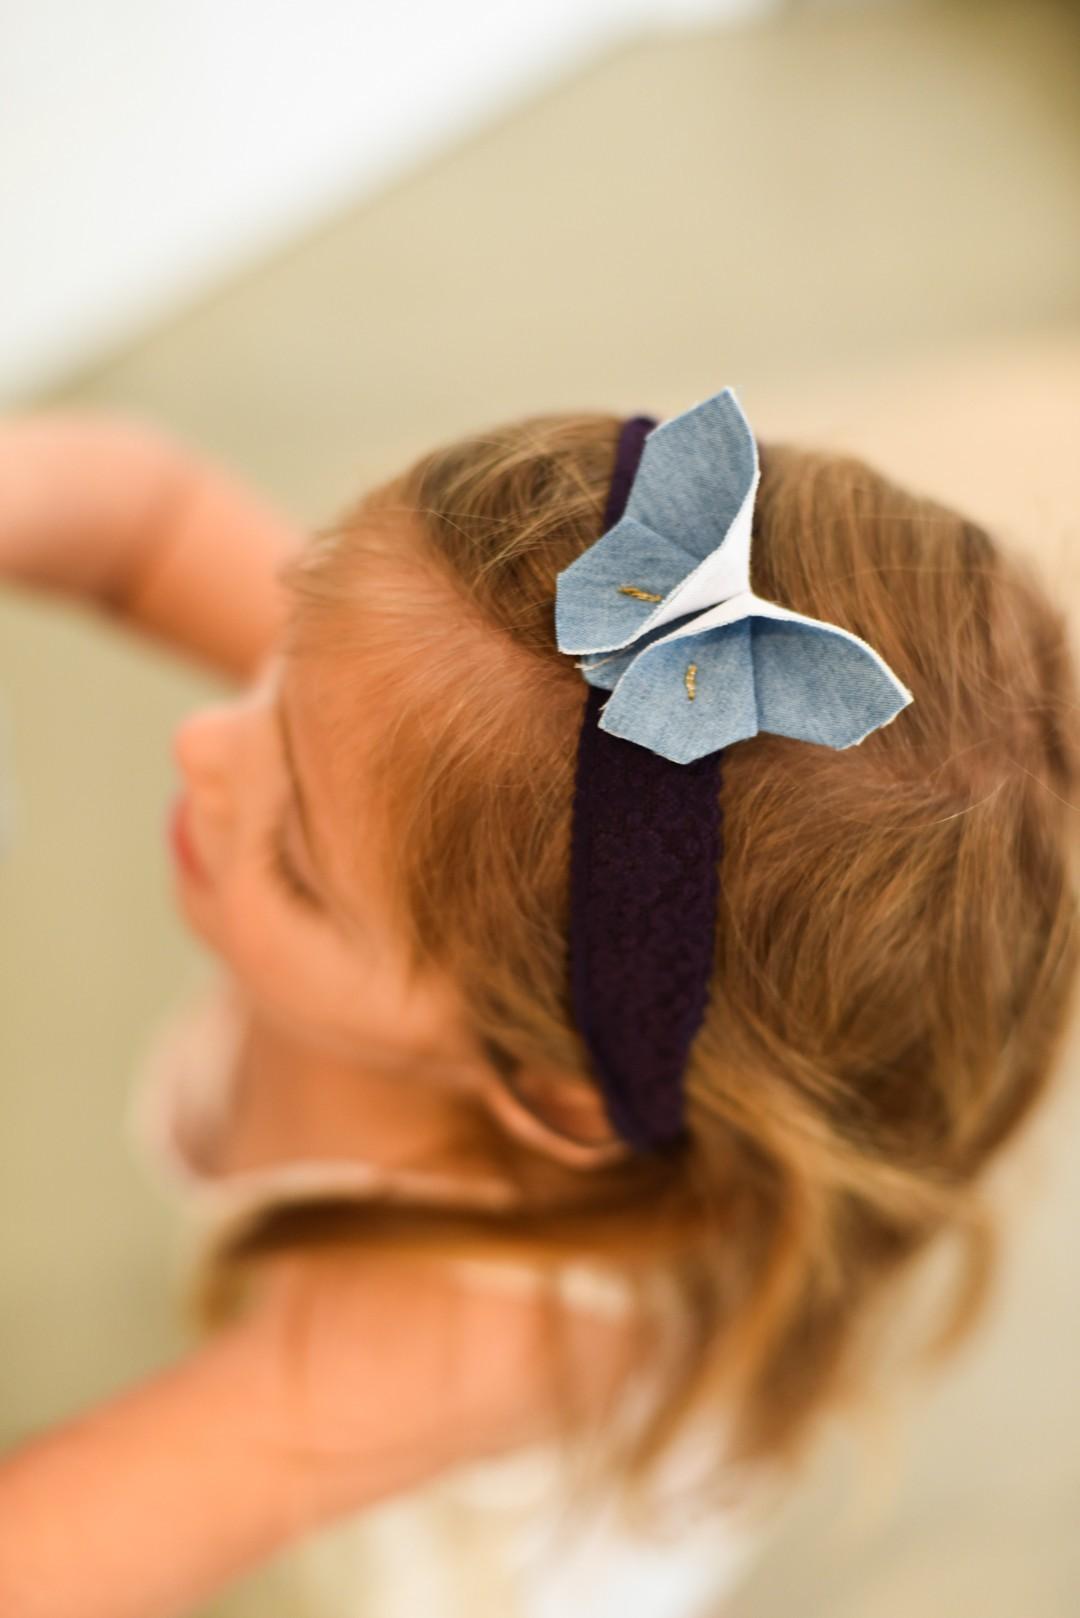 אקססורייז לשיער, סרט לראש לילדות, פרפר ג'ינס, סרט פרפר כחול. מורן אלחלל אוריגמי בד